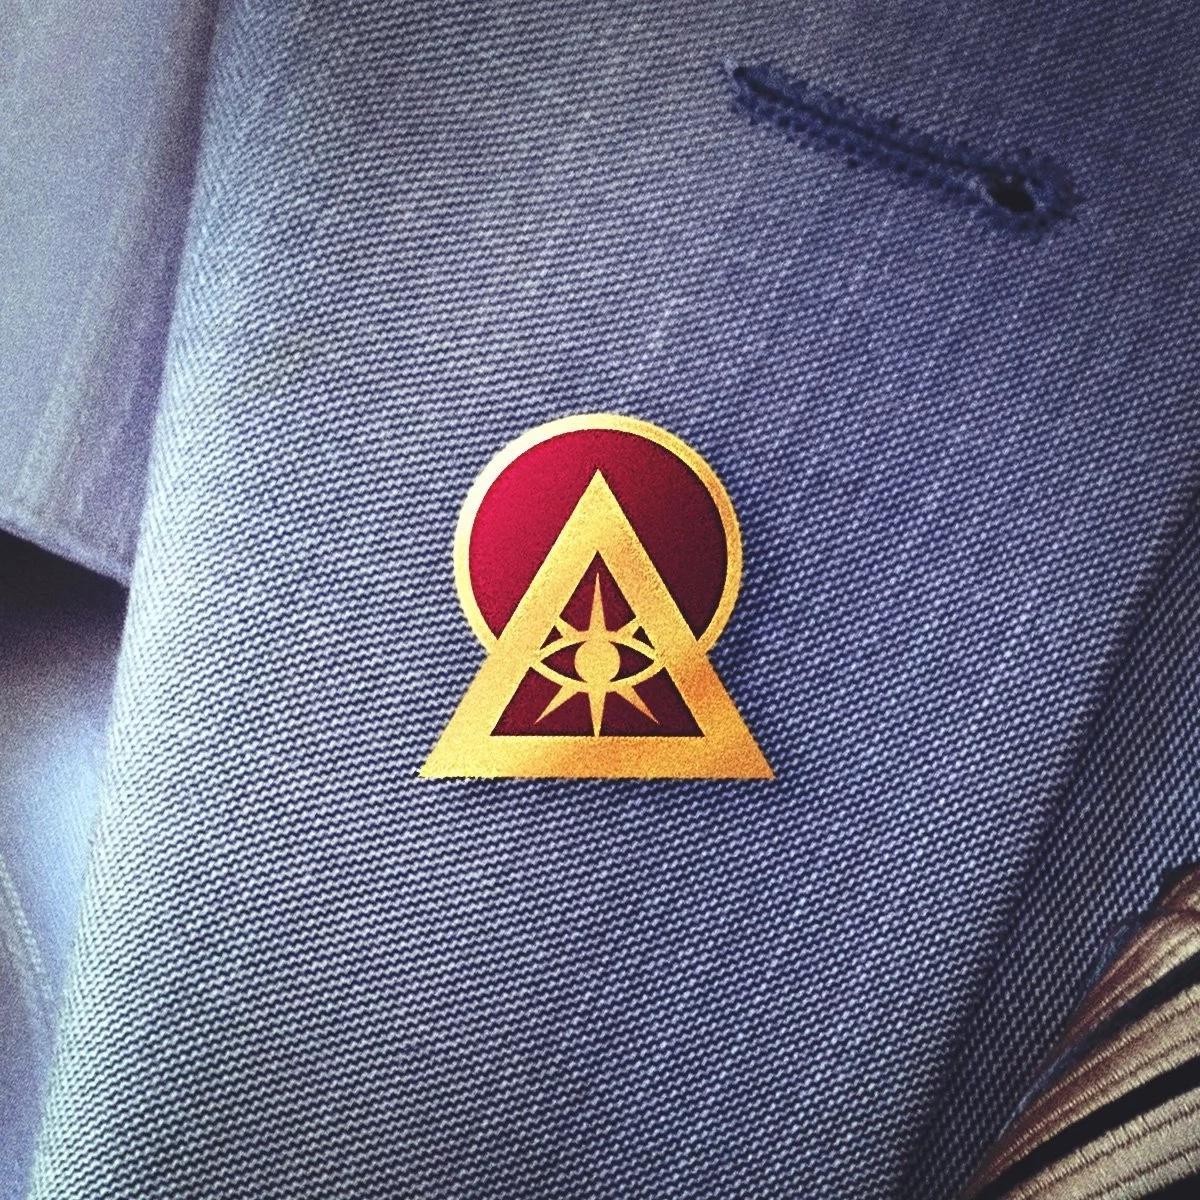 Famous Illuminati